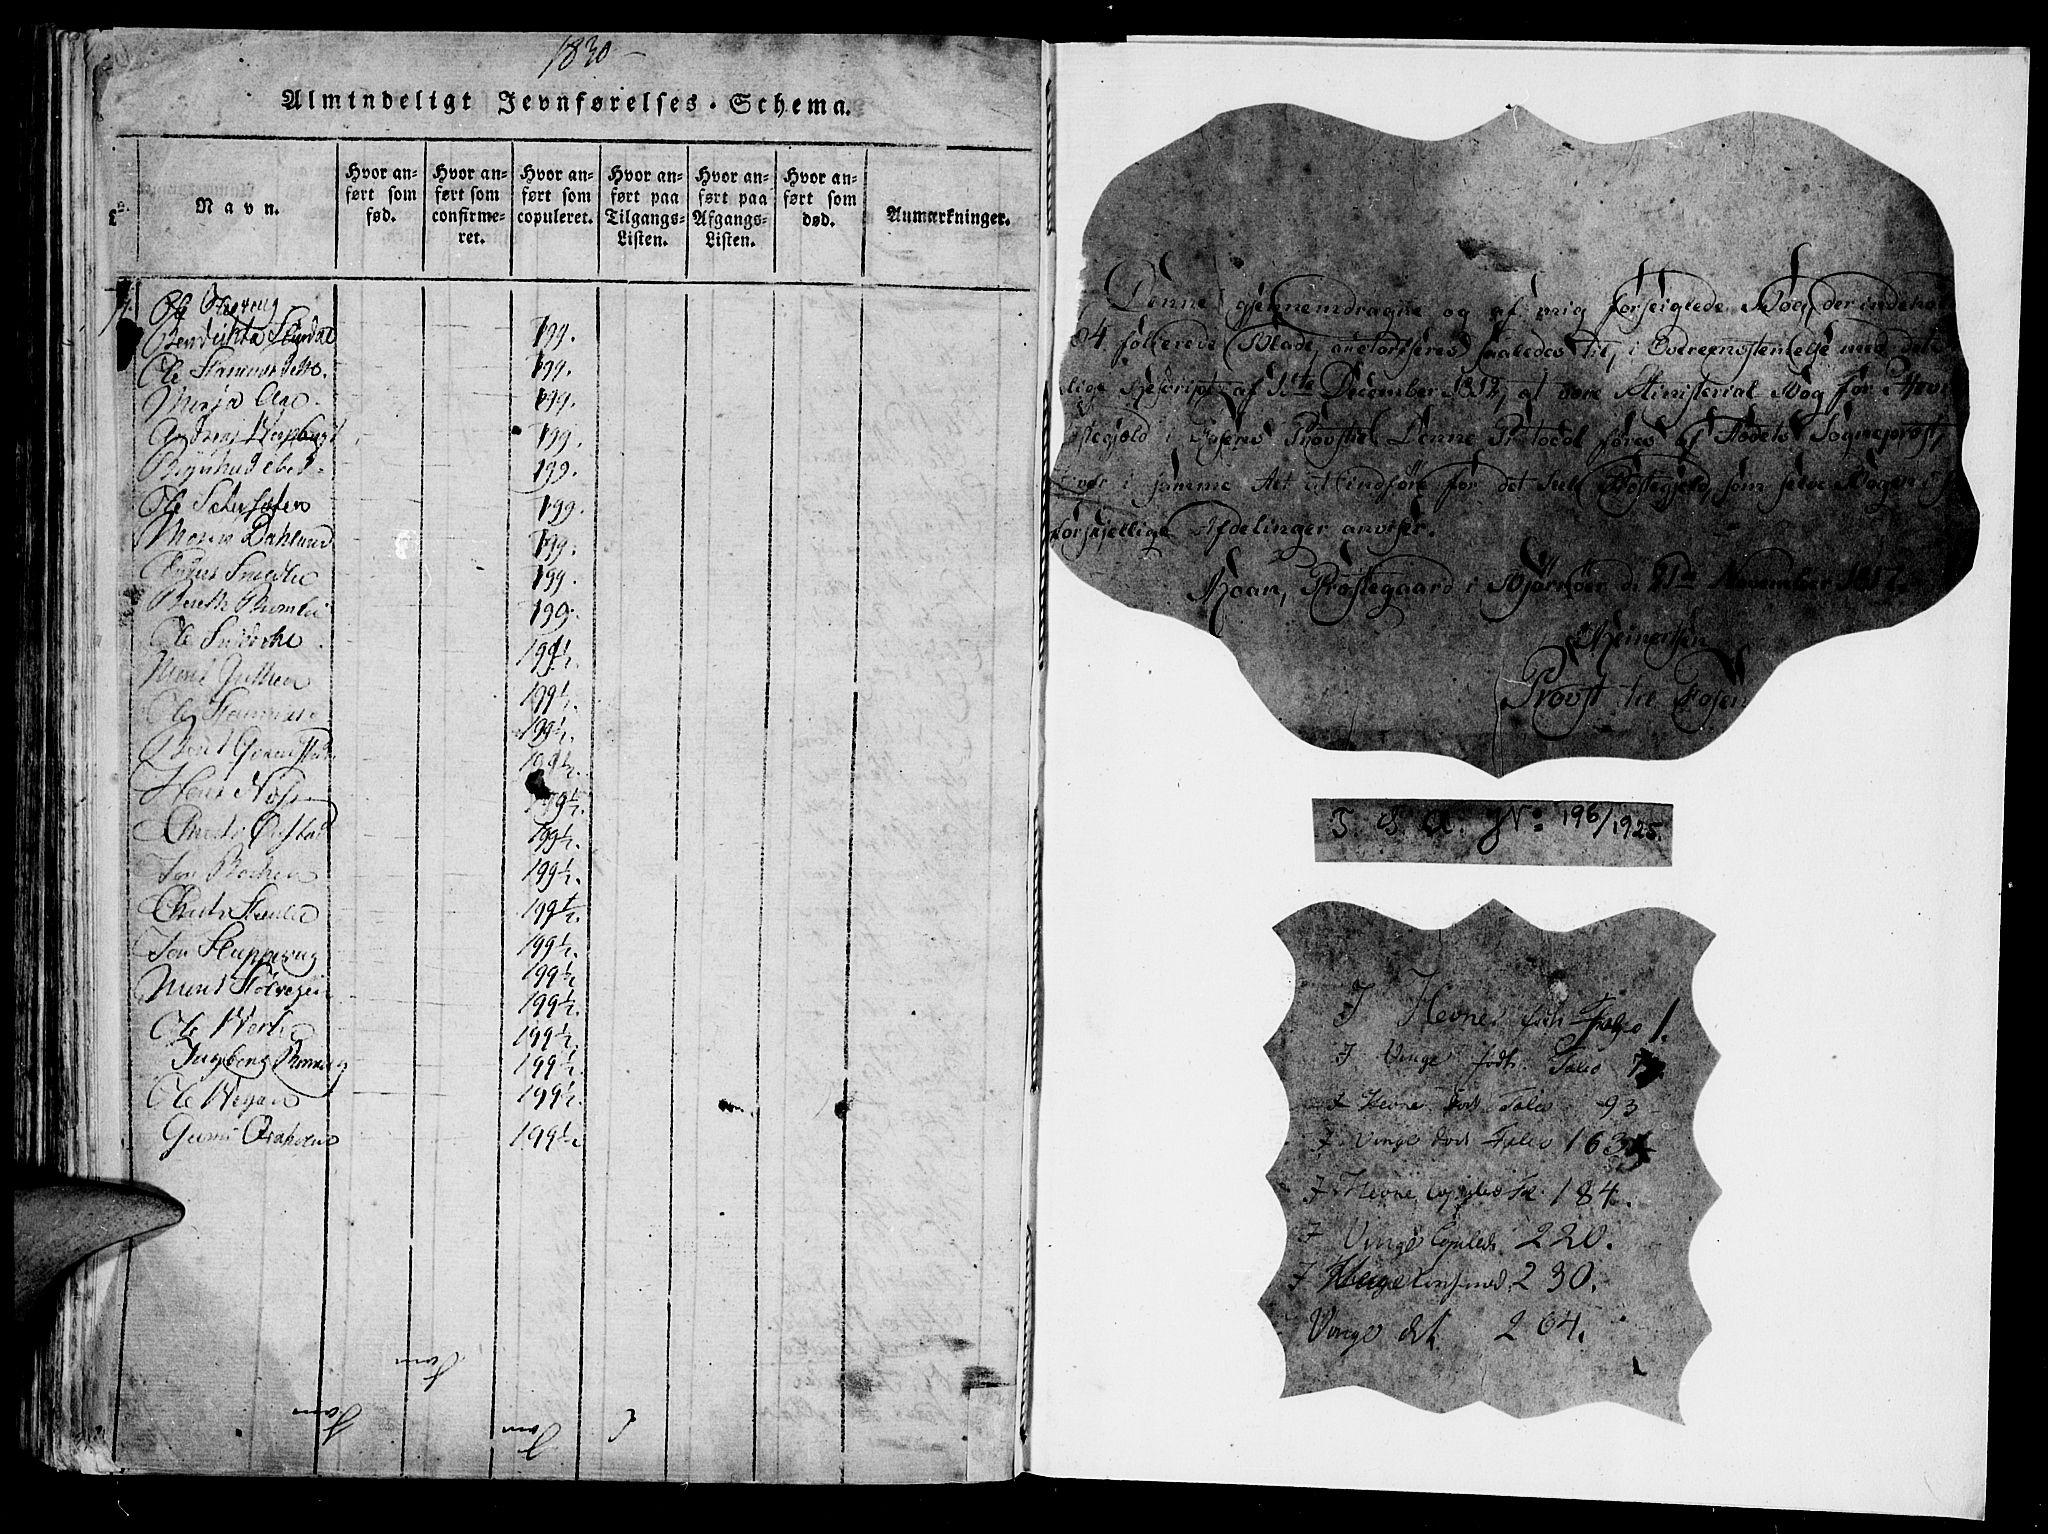 SAT, Ministerialprotokoller, klokkerbøker og fødselsregistre - Sør-Trøndelag, 630/L0491: Ministerialbok nr. 630A04, 1818-1830, s. 365